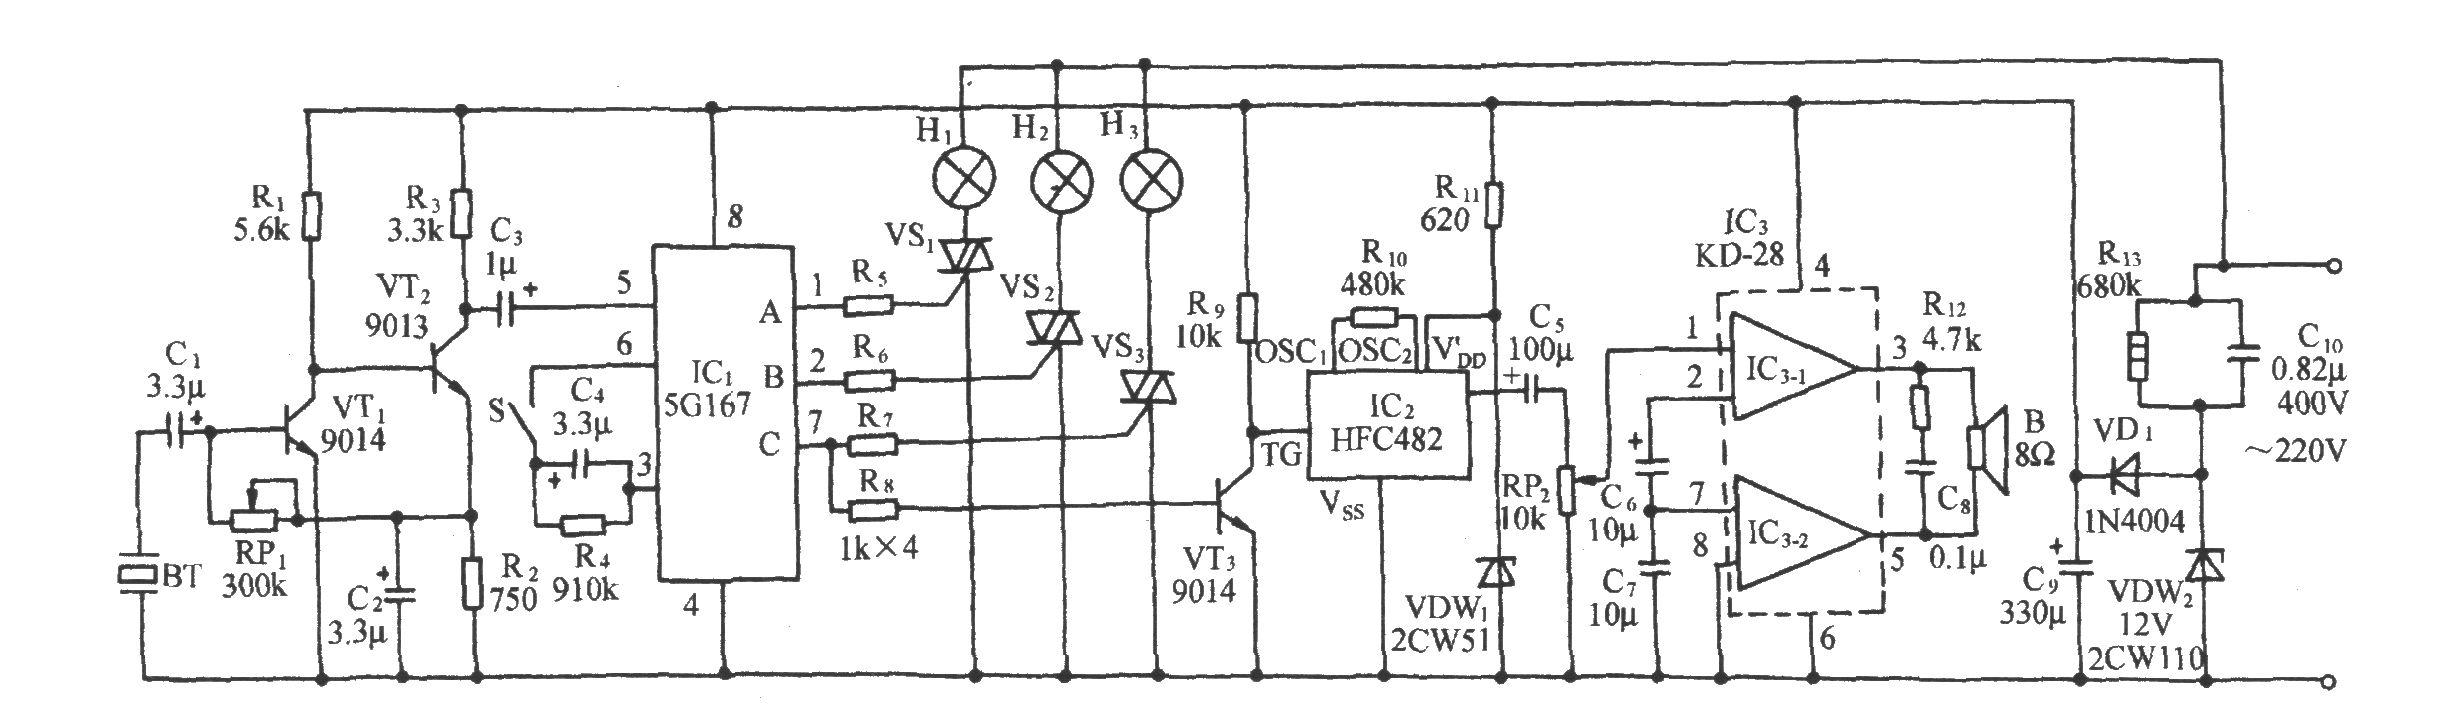 本电路图所用到的元器件: 5G167 9013 HFC482 KD-28 9014  如图所示电路,它由声/电传感器、音频放大器、环行计数脉冲分配/驱动电路、可控硅控制电路、乐曲发声电路、音频功放电路和交流降压整流电路等组成。IC1采用5G167,它是专门用于收录机旋转闪光灯箱设计的环行计数脉冲分配/驱动集成电路,它内含信号整流放大器、压控振荡器和3位环行时序计数器及3个漏极输出电路等。